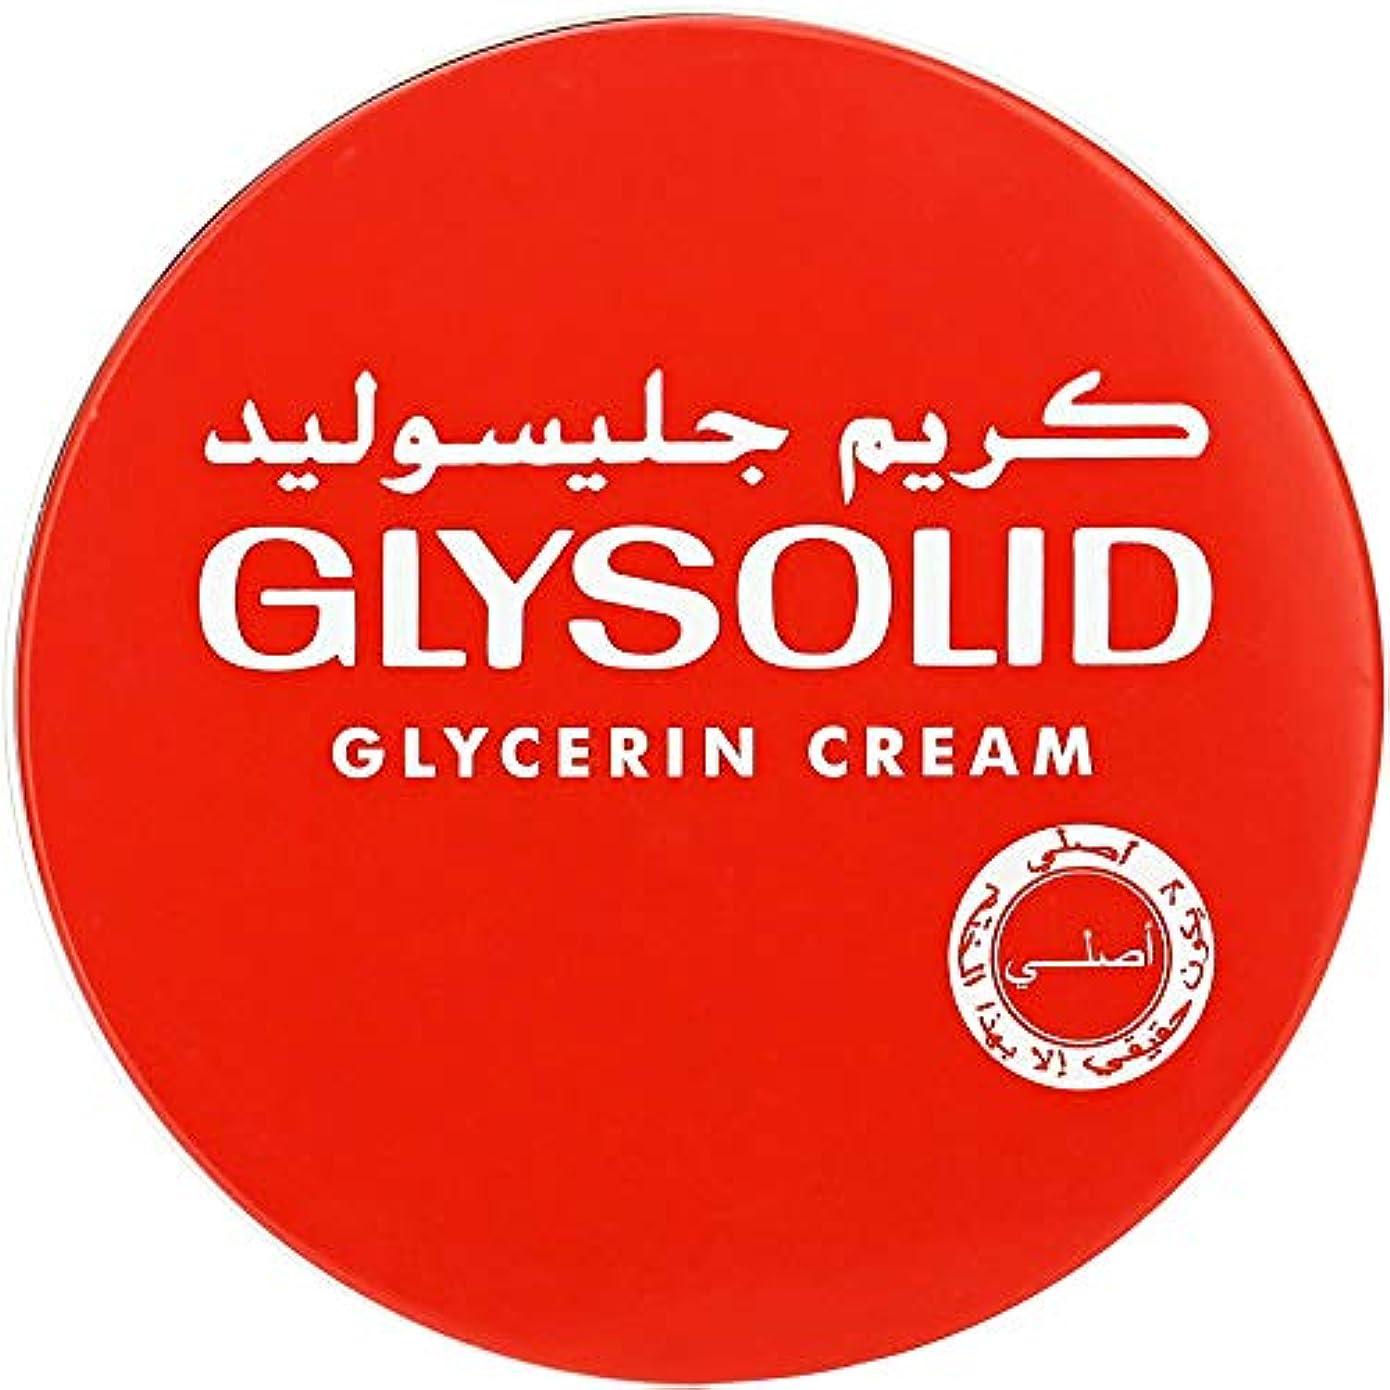 集中的な保育園サーキュレーションGlysolid Cream Face Moisturizers For Dry Skin Hands Feet Elbow Body Softening With Glycerin Keeping Your Skin Soft Healthy And Smooth (80 ml)